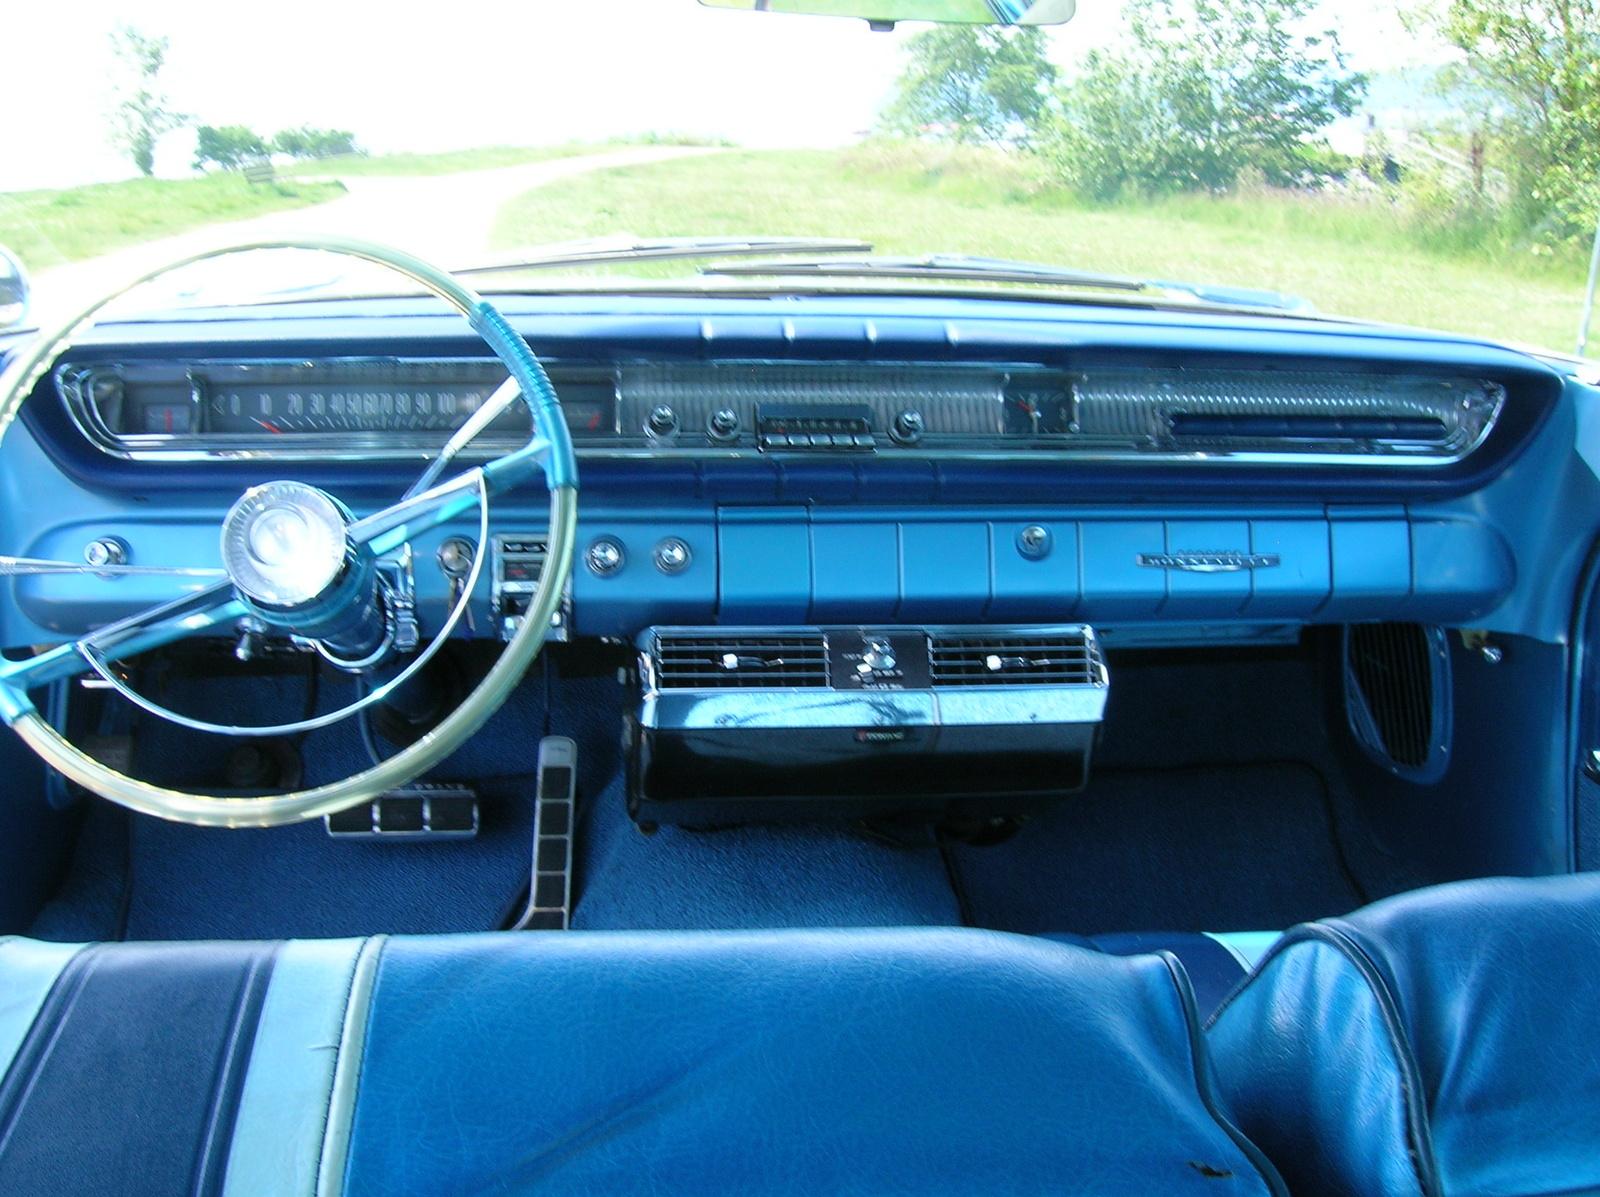 Pics photos 1958 pontiac for sale - 1961 Pontiac Bonneville Picture Interior